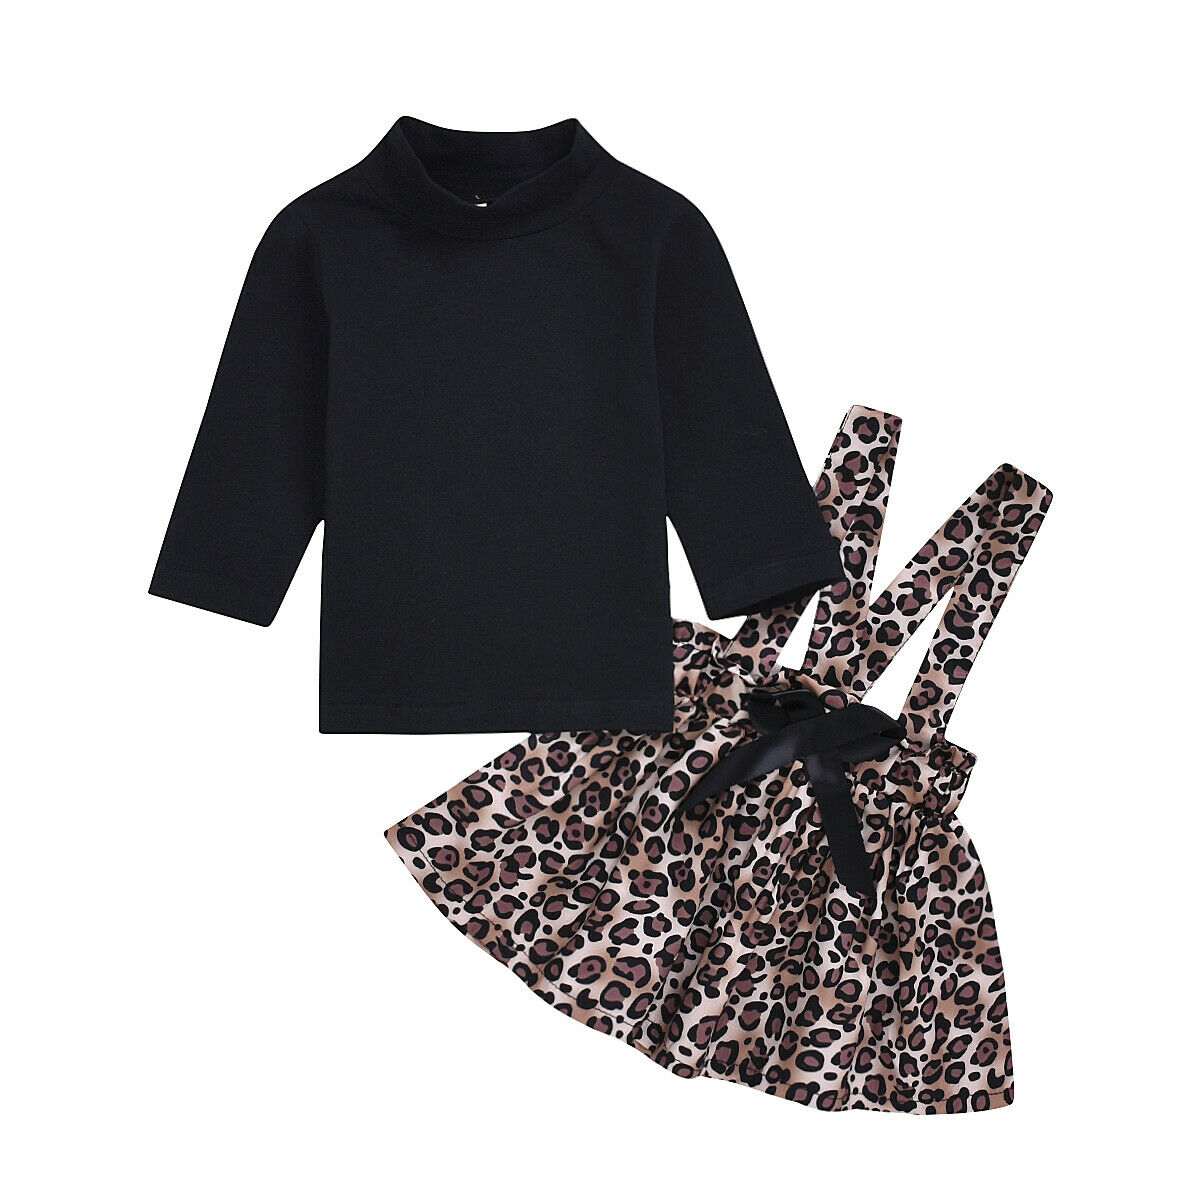 2 uds. Conjunto de ropa para niño chico y Niña conjunto de camisetas de manga larga + conjunto de vestido de falda de leopardo